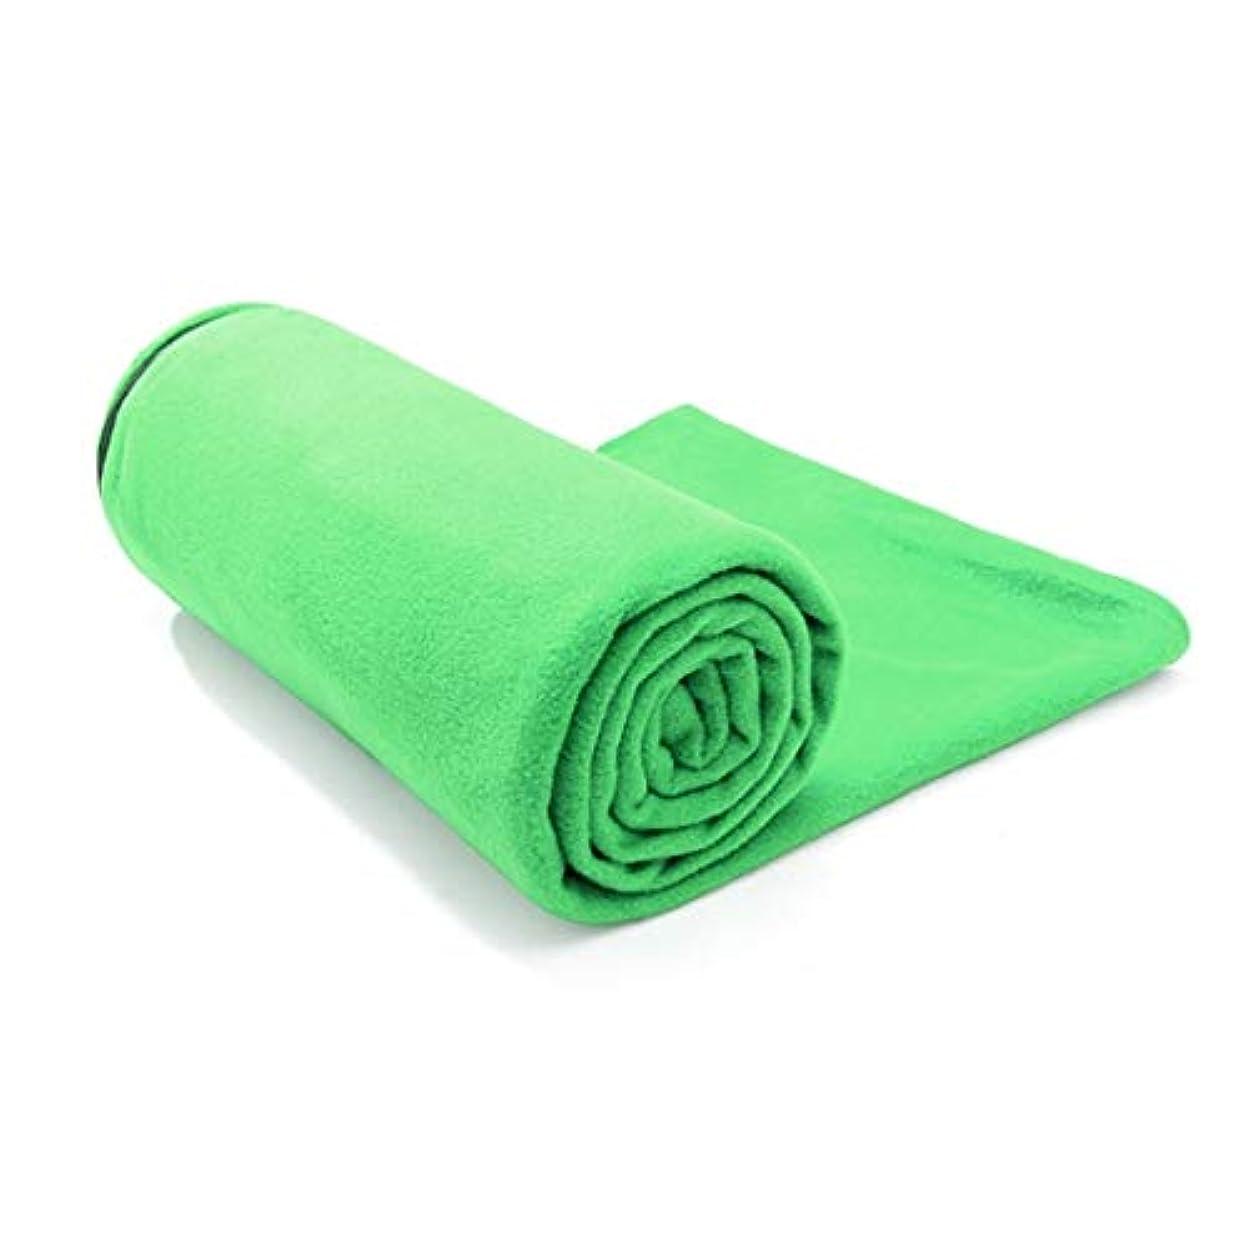 機械的にだます医薬品Koloeplf アウトドアランチブレイクダーティエンベロープタイプ両面フリースライナーフリース寝袋 (Color : Green)